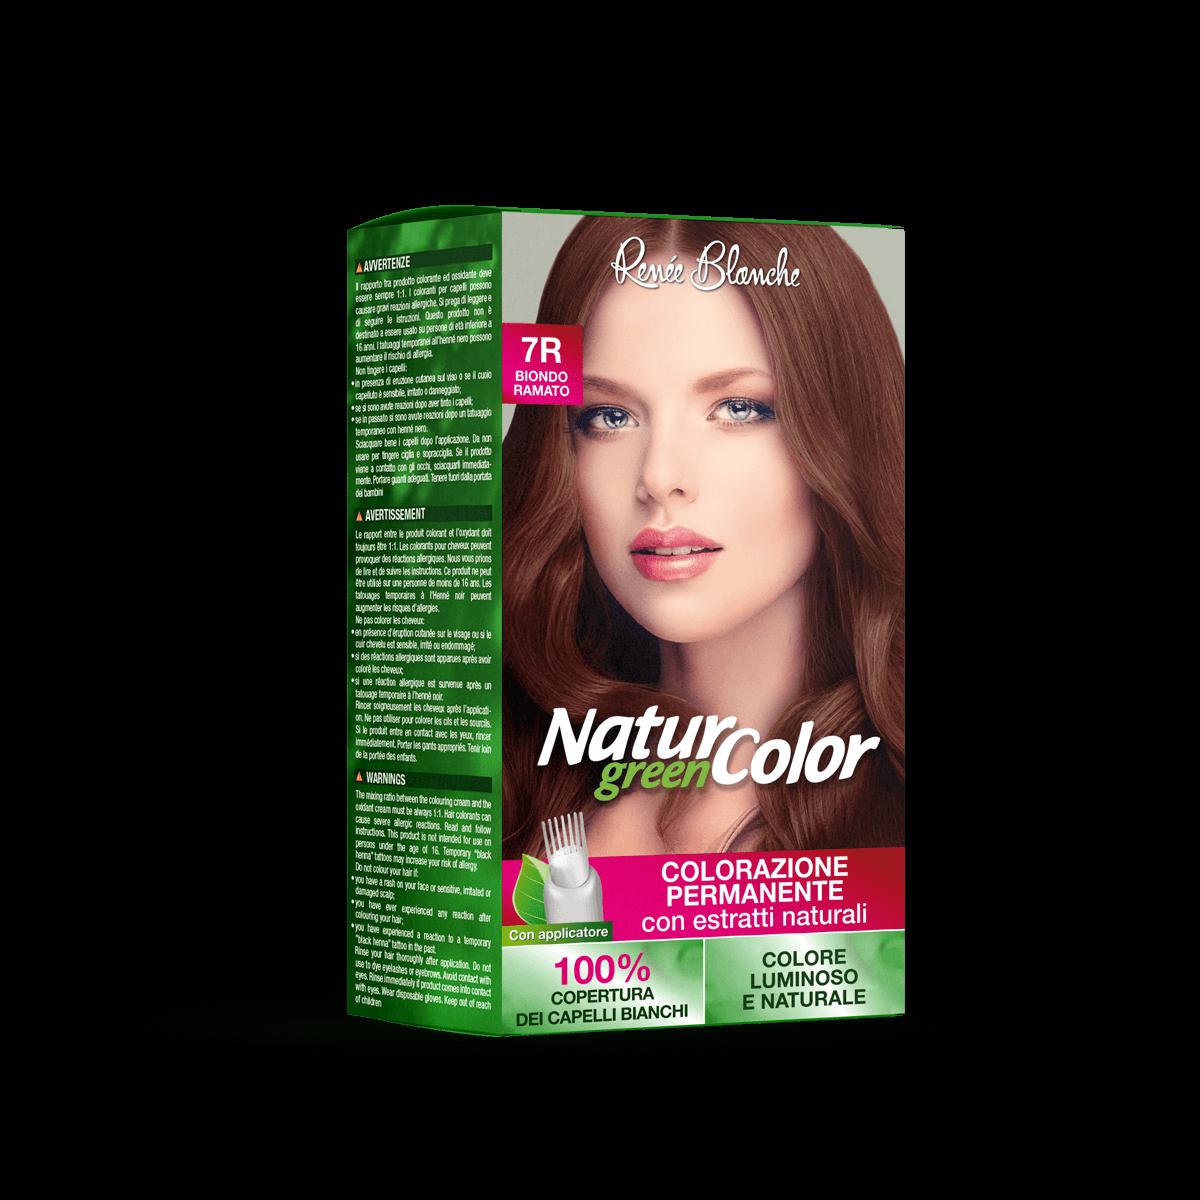 [:it]7R-Biondo-Ramato-Natur-Color[:]